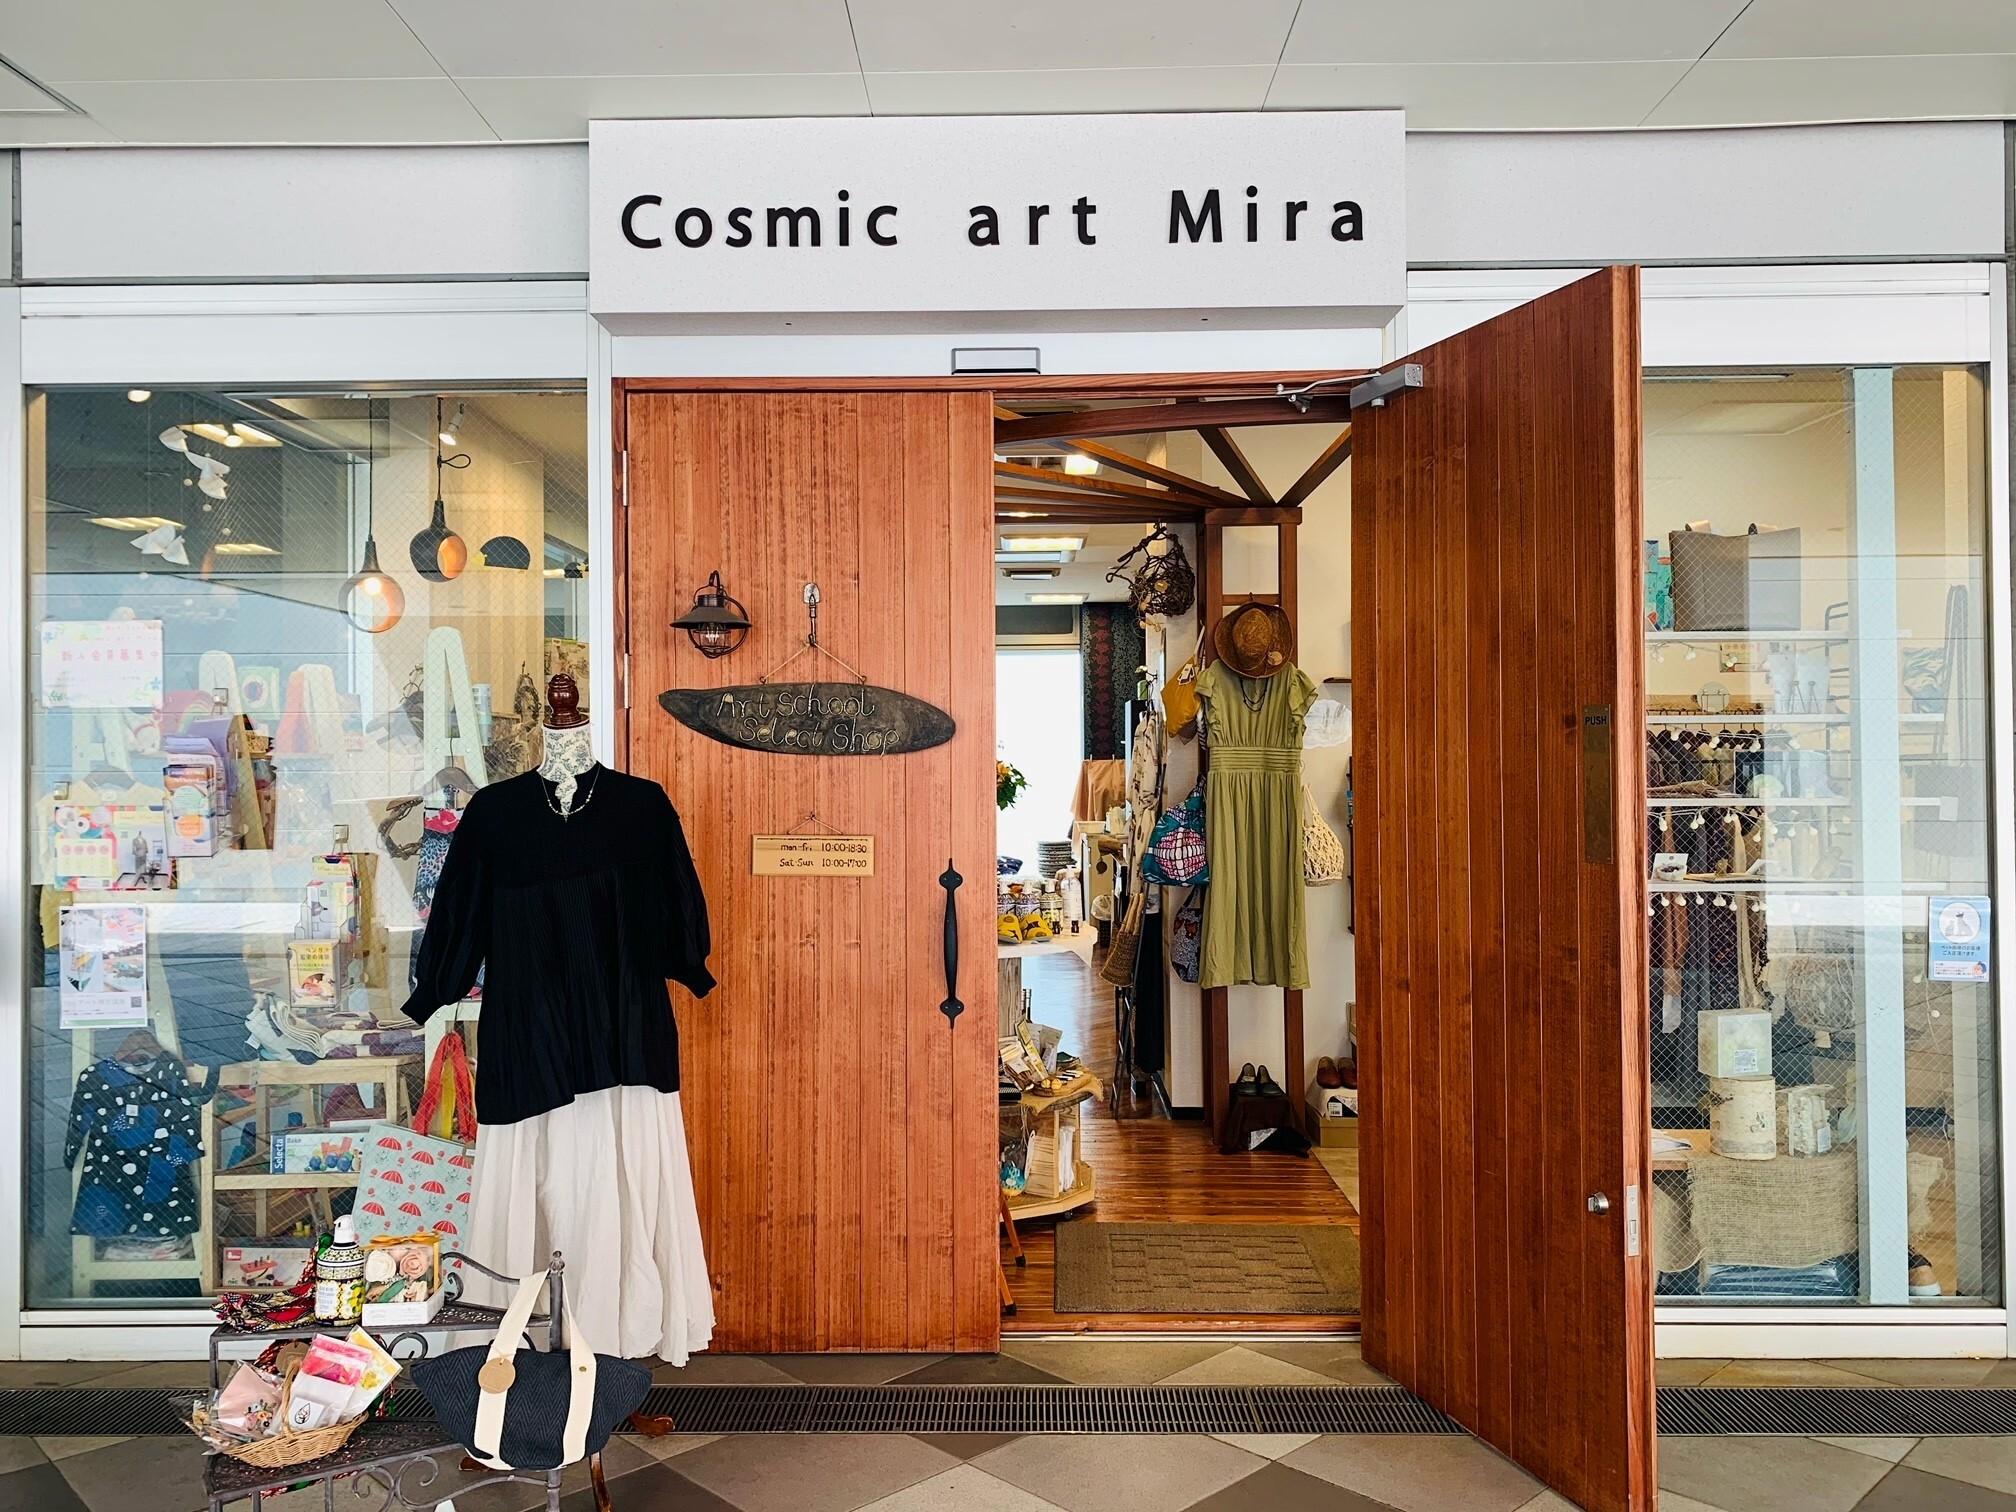 Cosmic art Mira